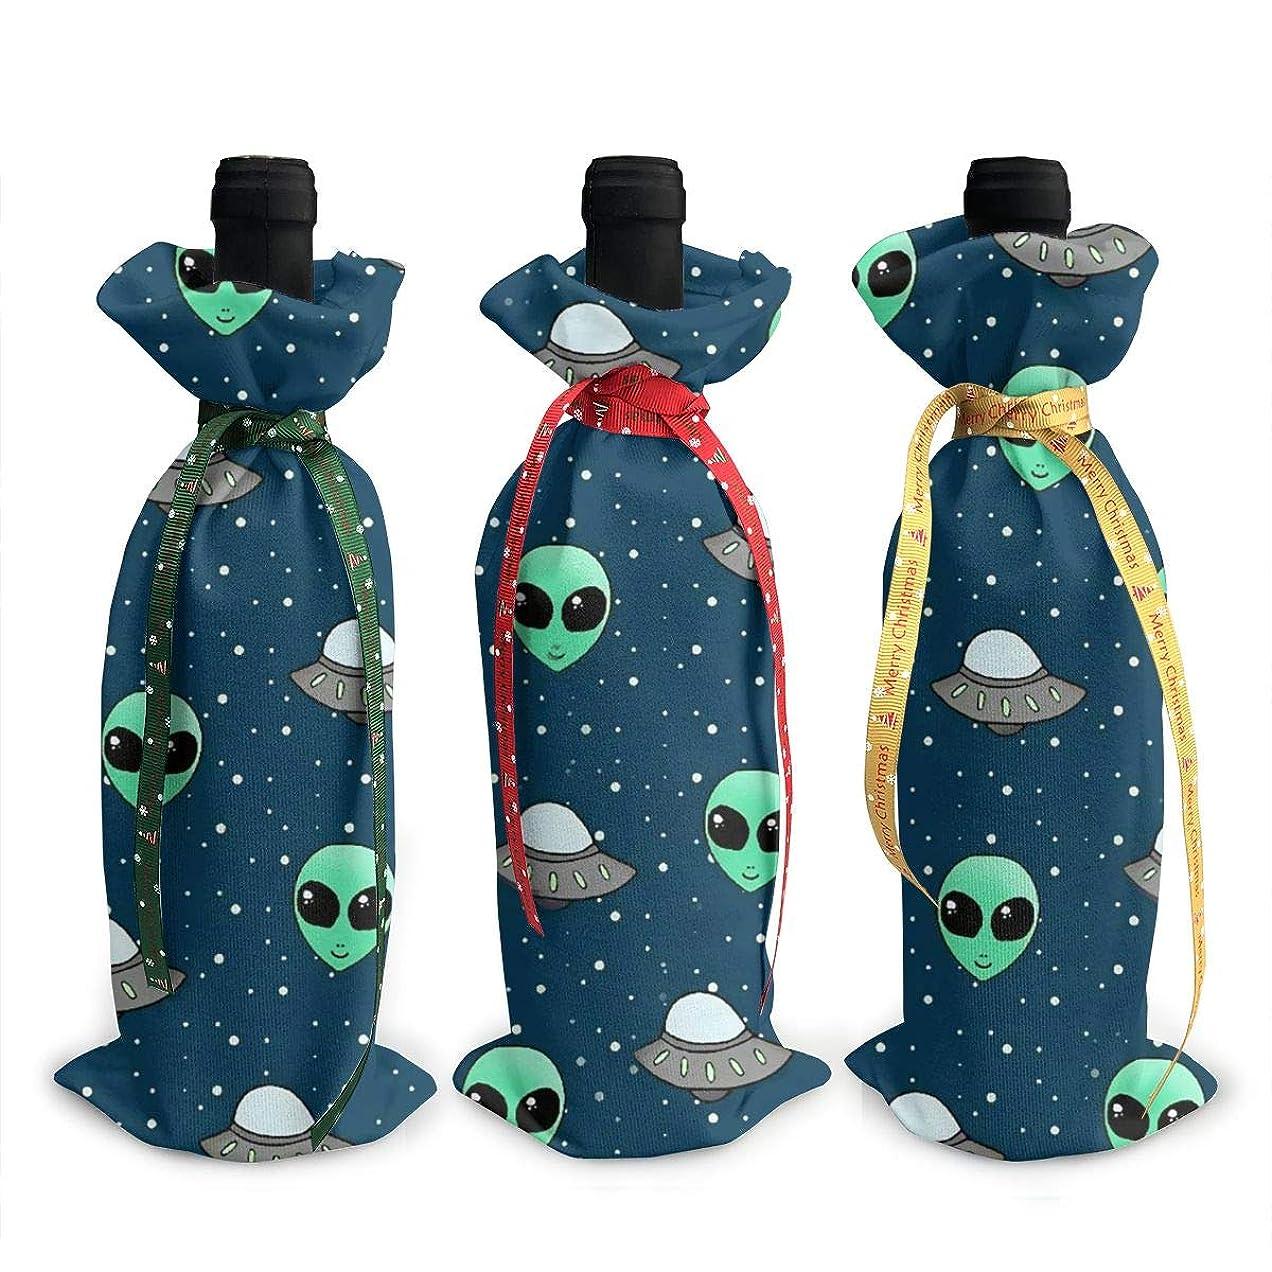 オリエンテーション合唱団ストレスワインバッグ クリスマスボトルカバー エイリアン UFO シャンパンワインボトル3本用 12 X 34cm ワイン収納 3個ーテーマ ボトル装飾 ワインボトル用 かわいいドレス 3種類のデザイン ギフトバッグ 保管用 ギフトパッケージ